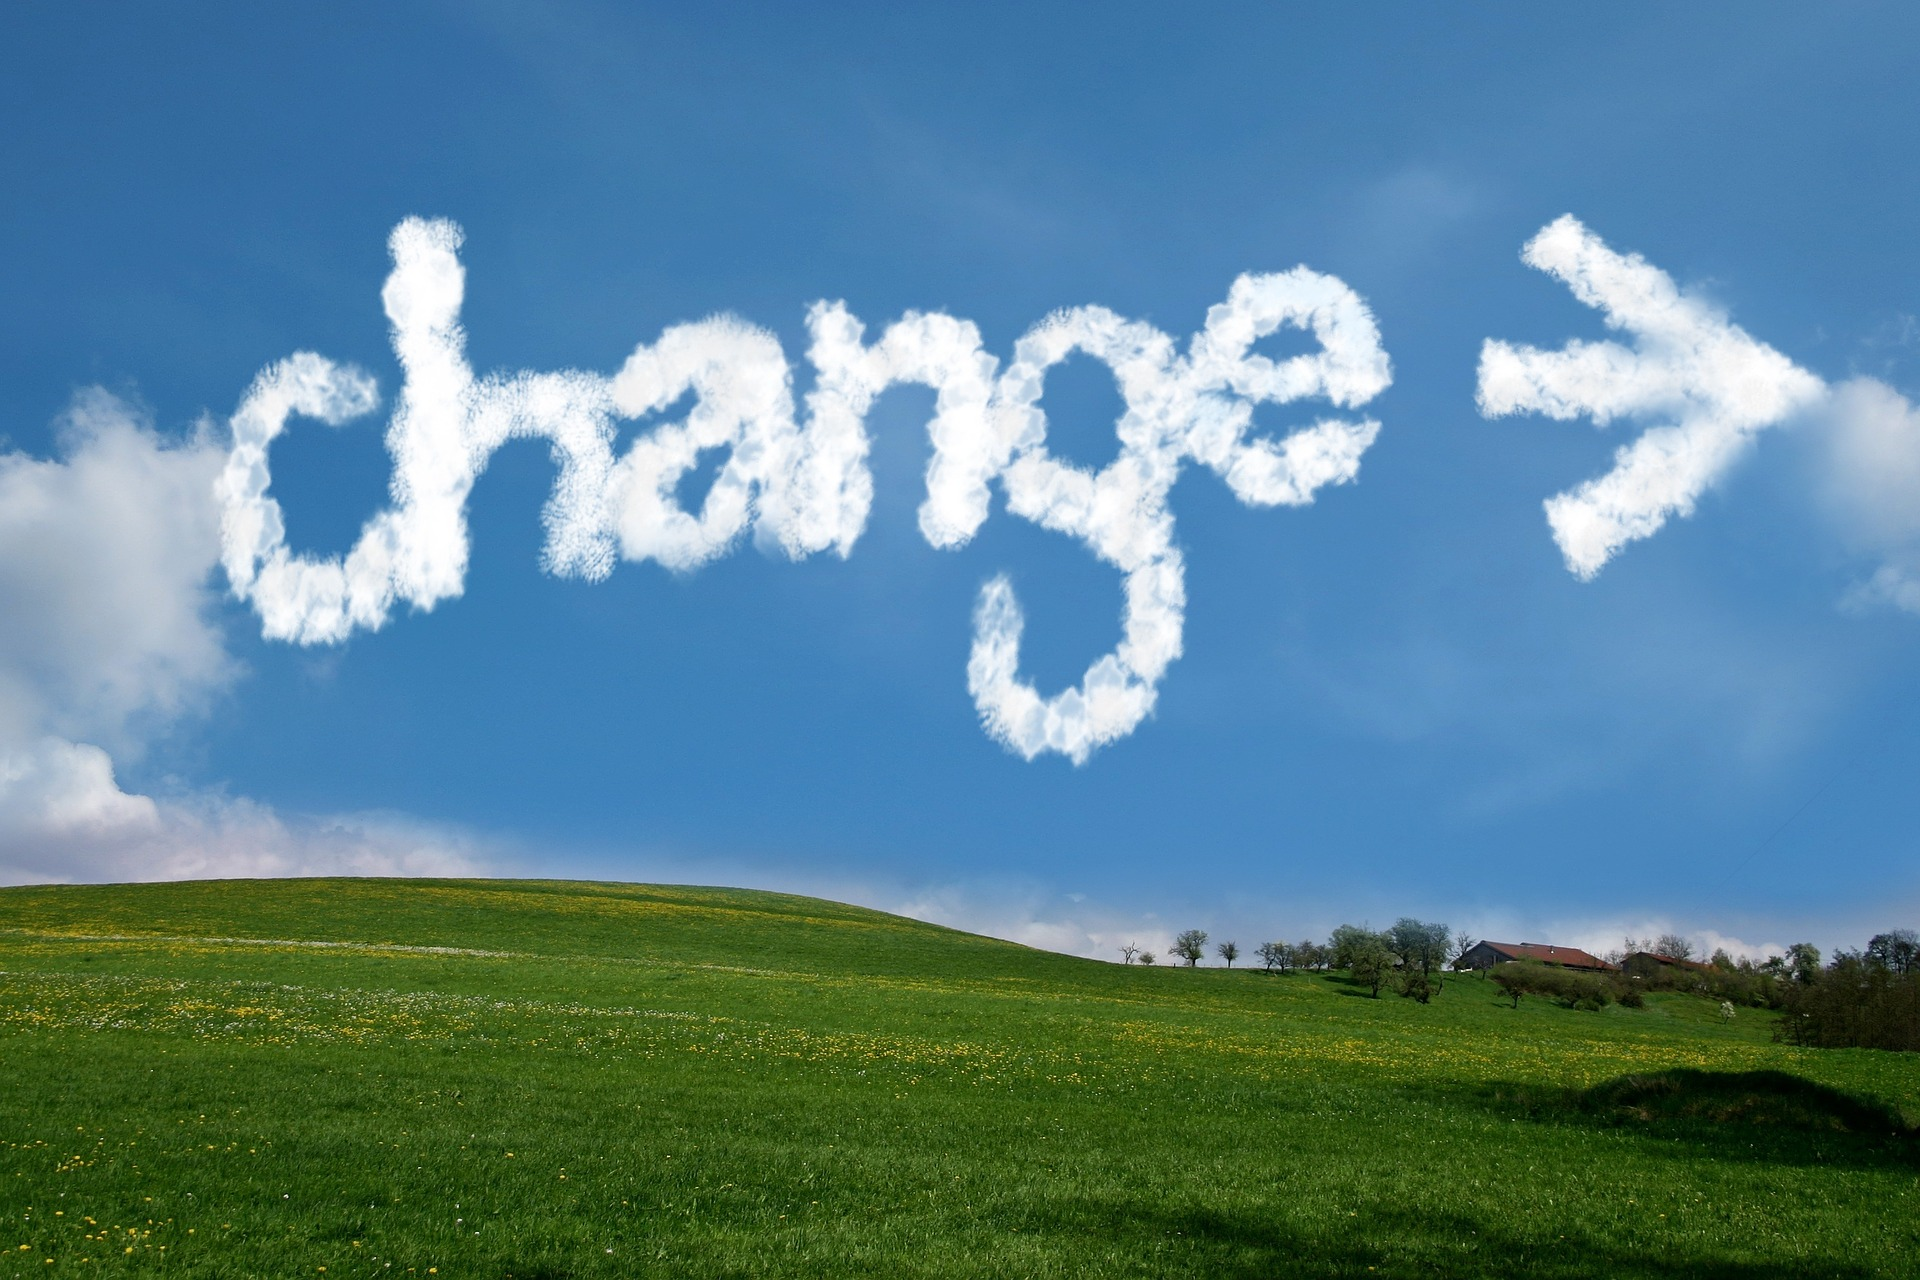 La direction pour le changement éco-responsable